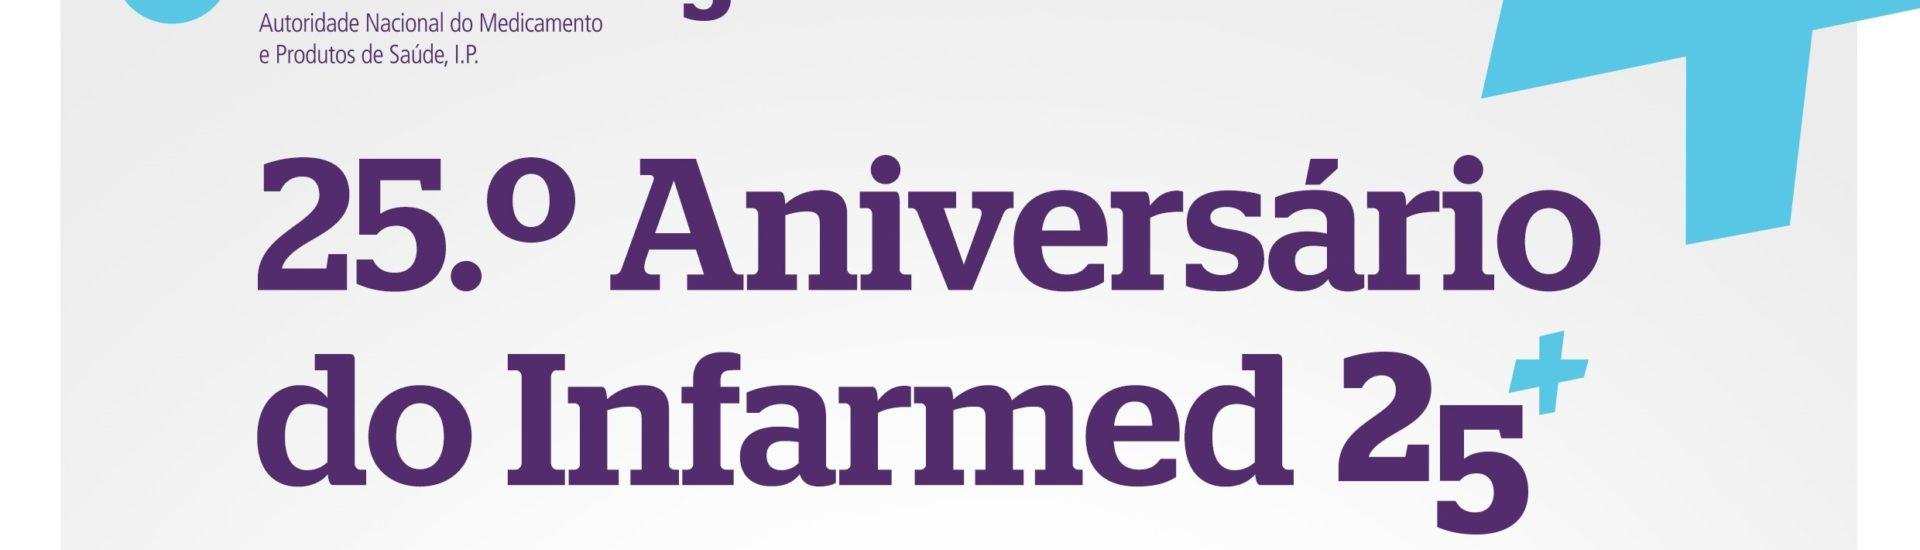 APFISIO na comemoração dos 25 anos do Infarmed